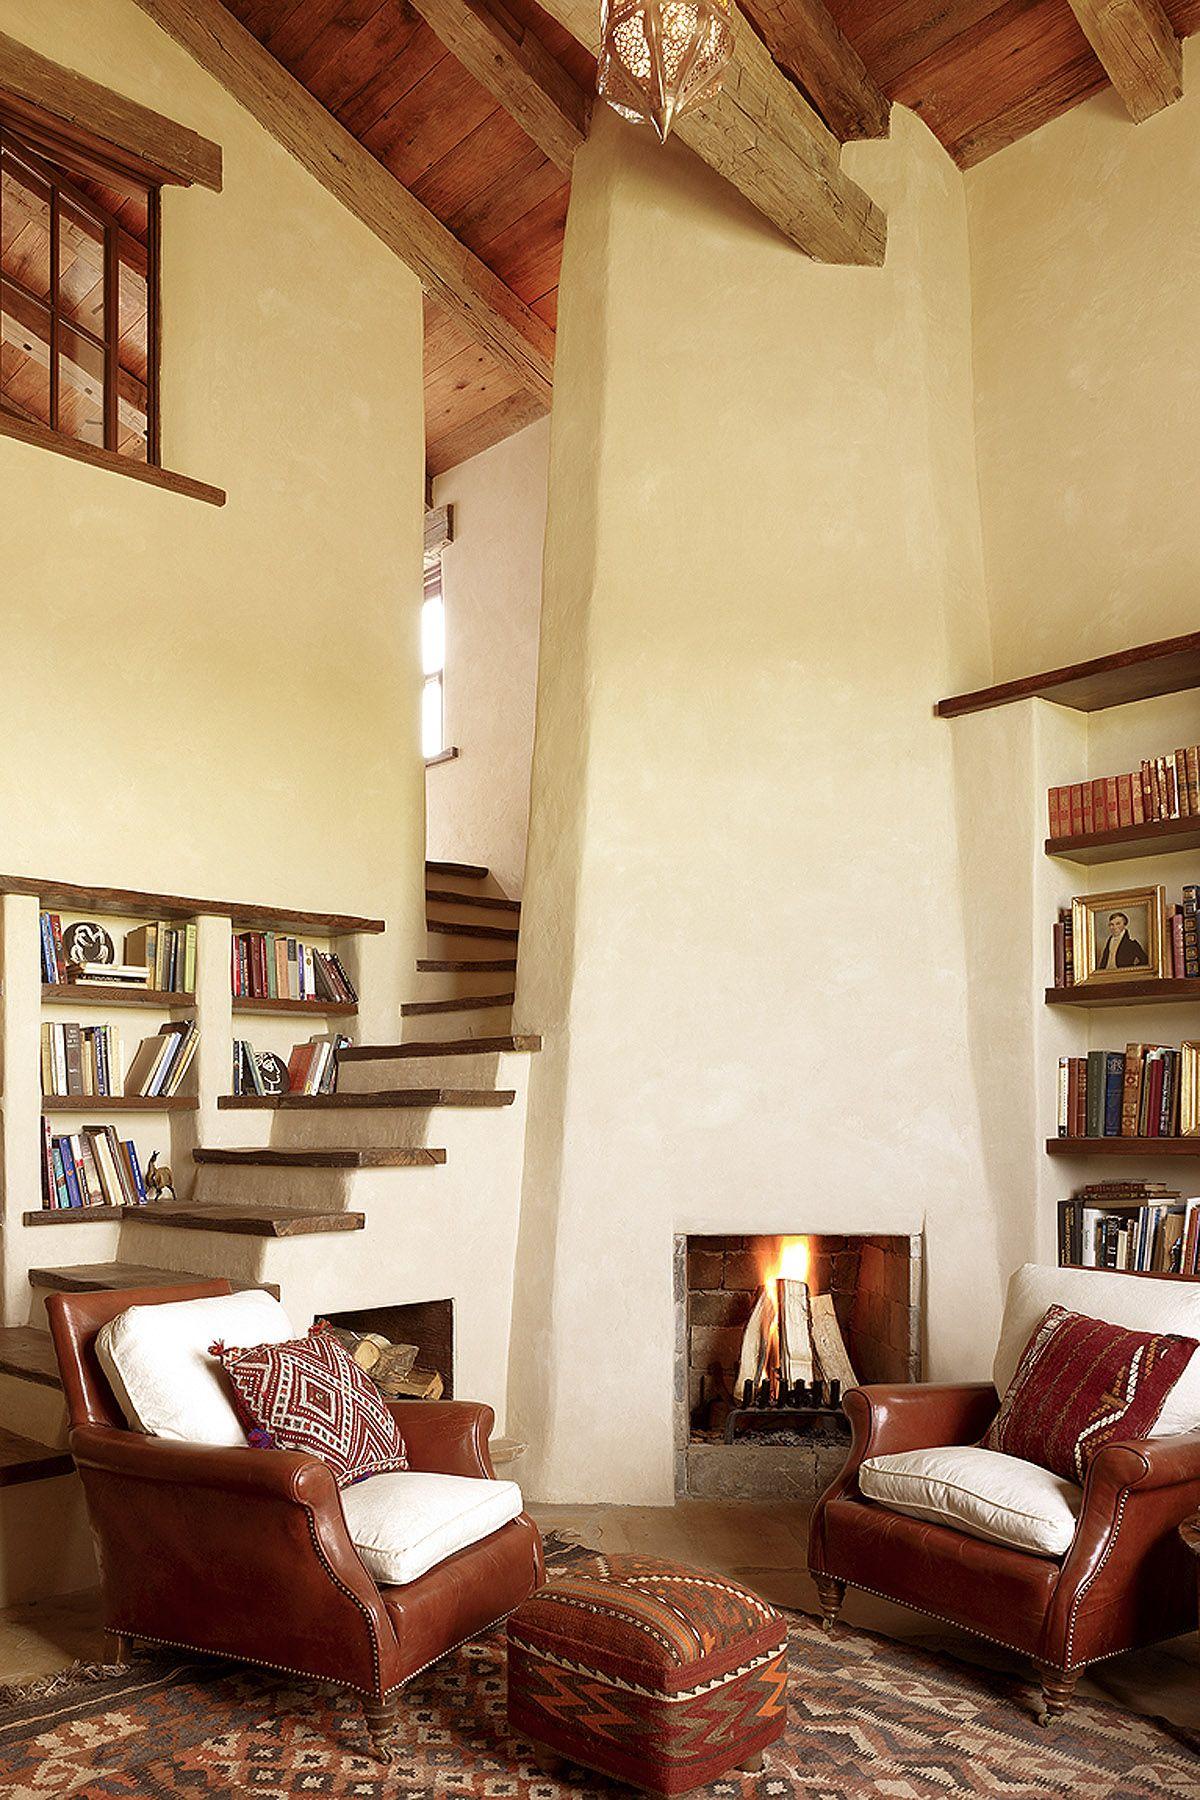 barnwoodanchors: North Star Ranch, La Veta, Colorado | Decor ideas ...